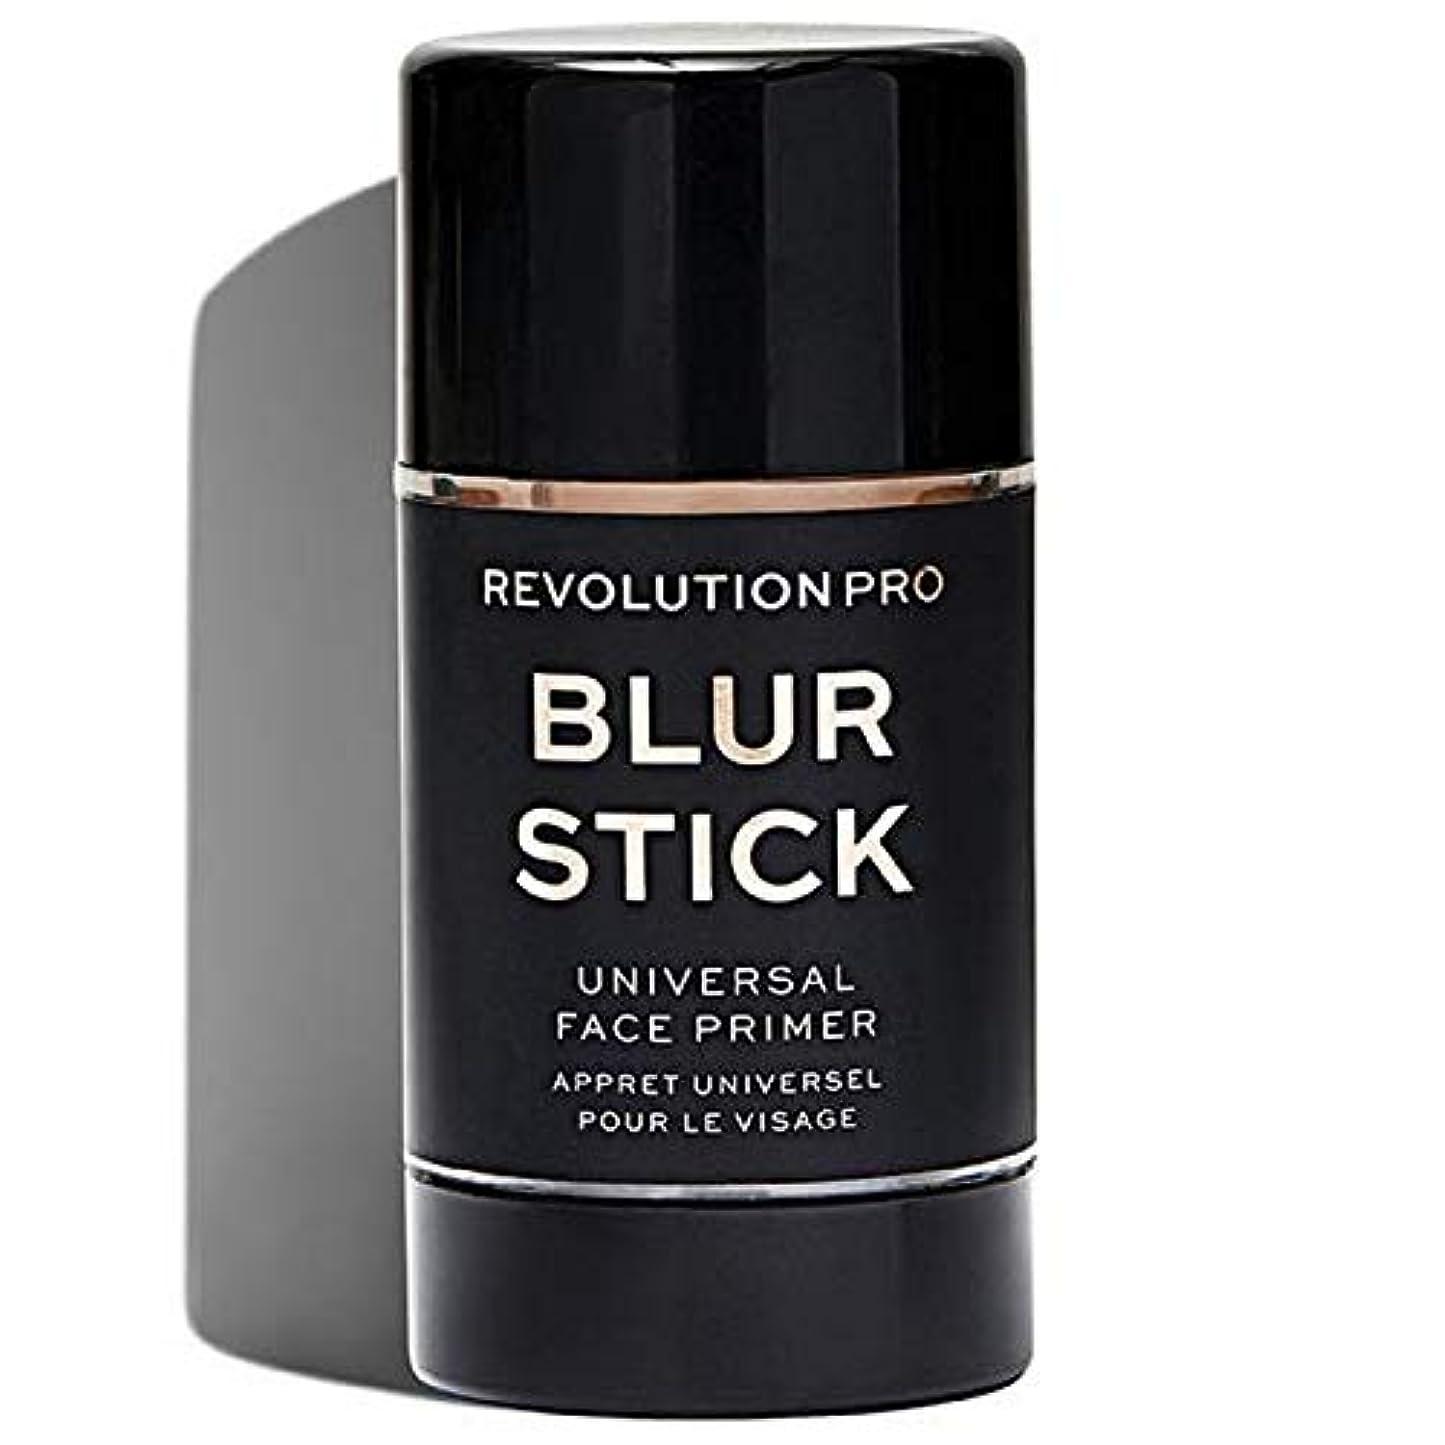 請求書斧難しい[Revolution ] 革命プロブラースティック - Revolution Pro Blur Stick [並行輸入品]